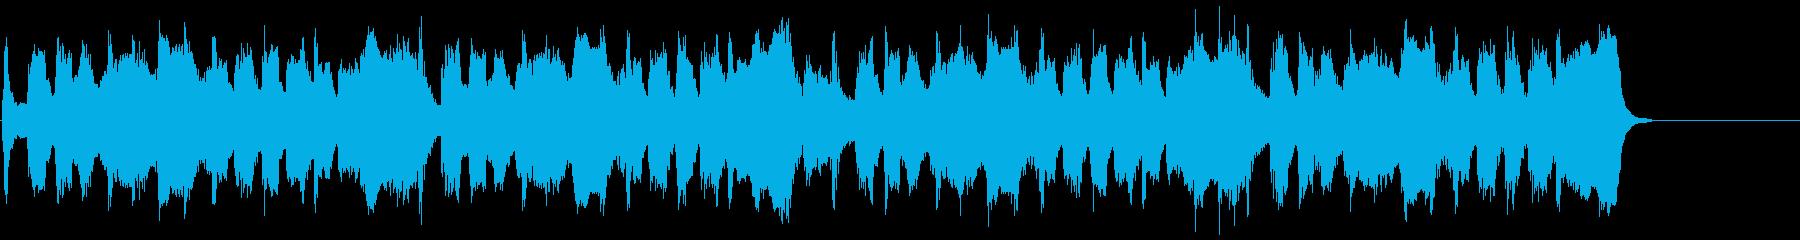 動画広告 30秒 トロンボーン 楽しいの再生済みの波形